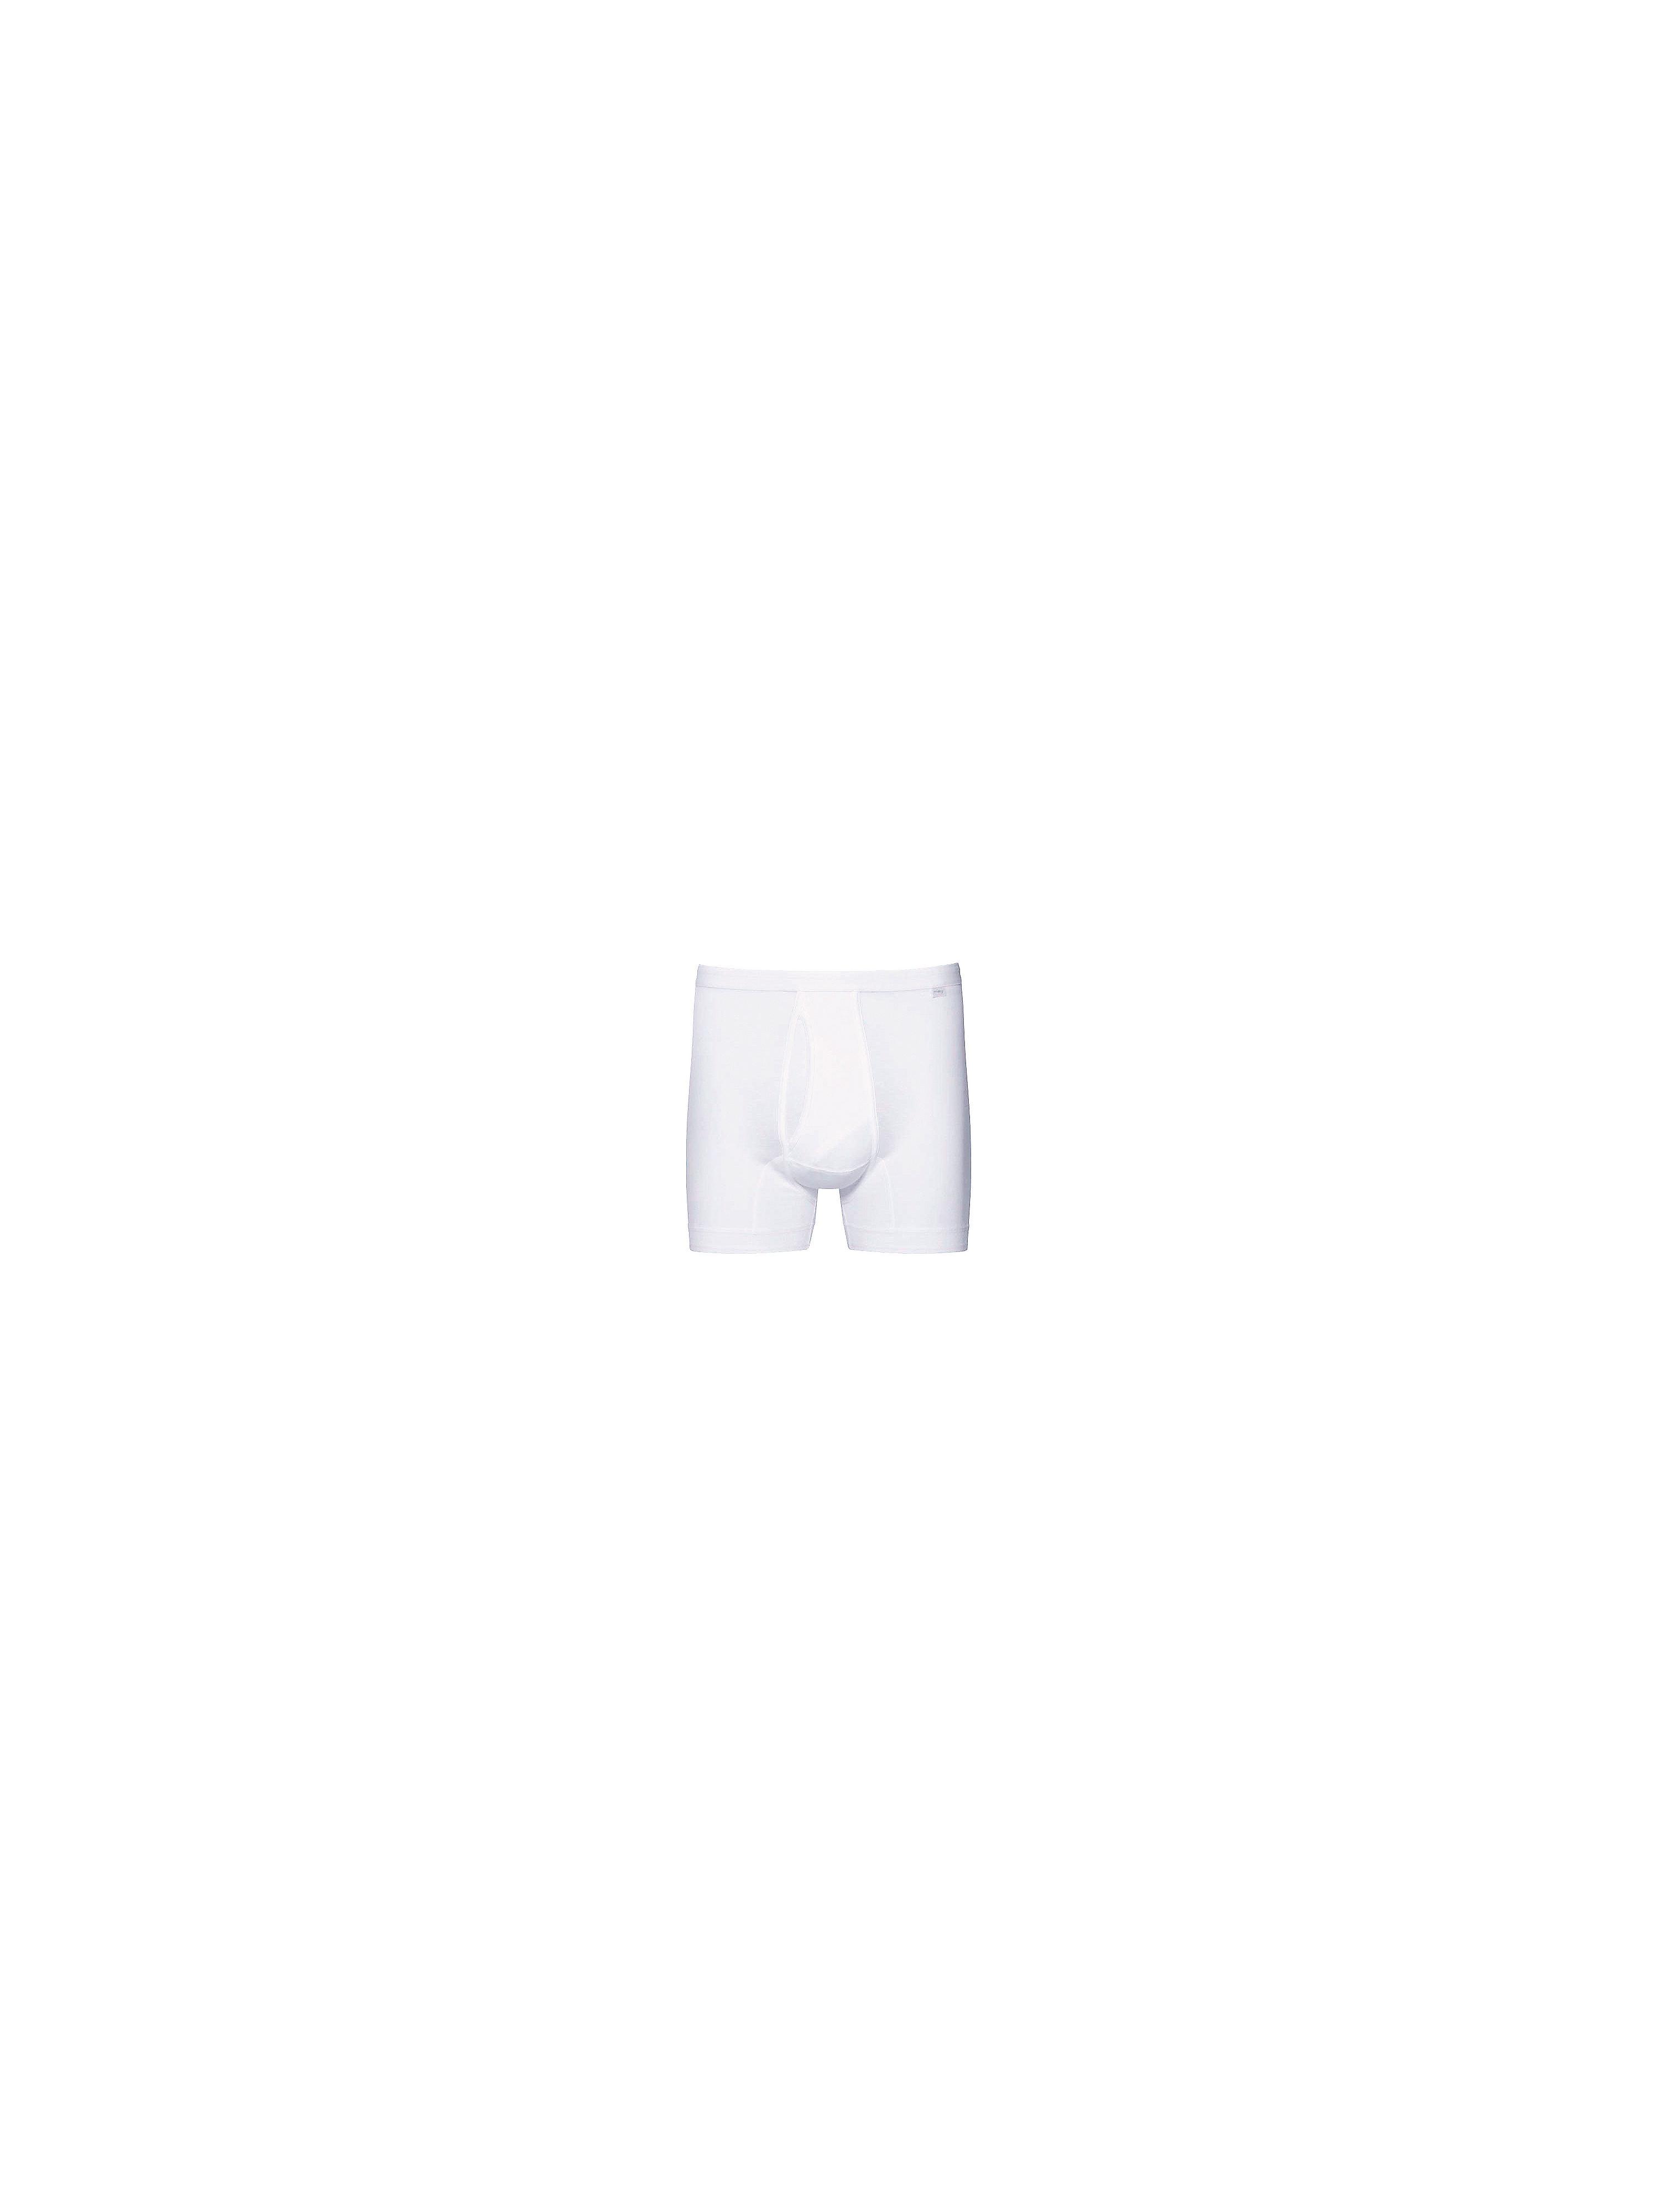 Le caleçon pur coton  Mey blanc taille 6